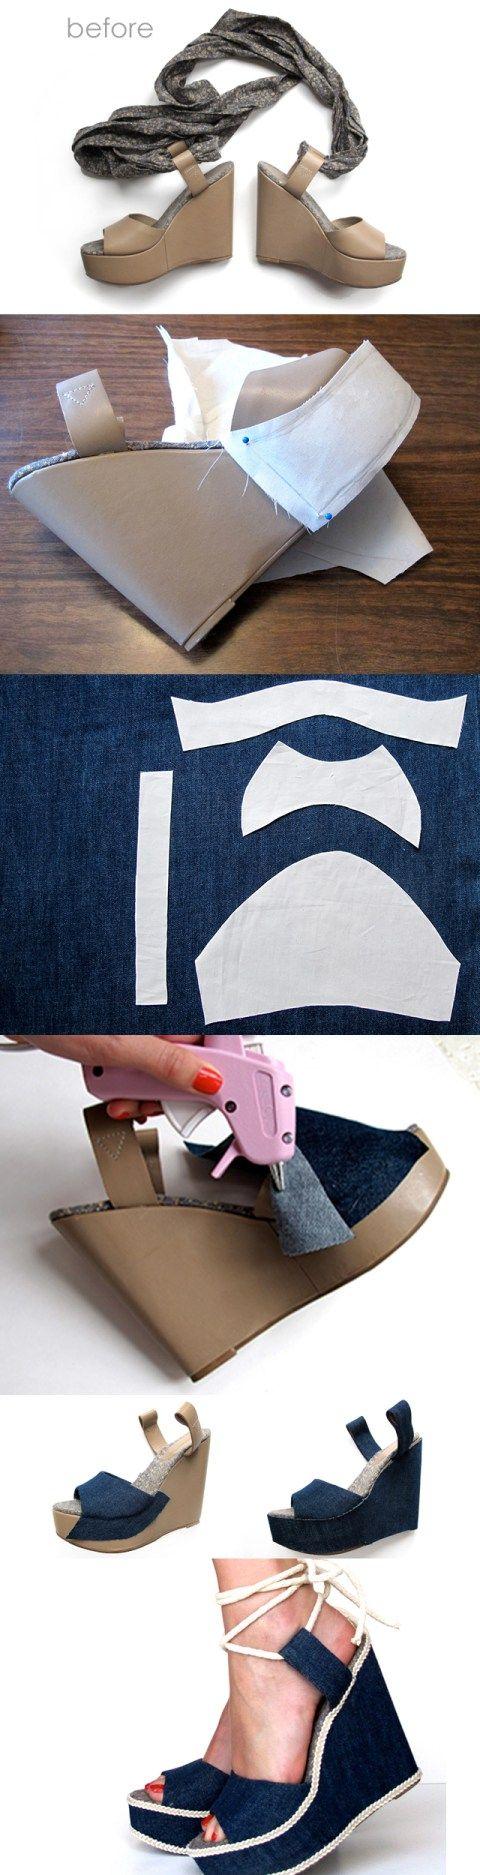 DIY Fashion: 15 DIY Shoes Design Ideas